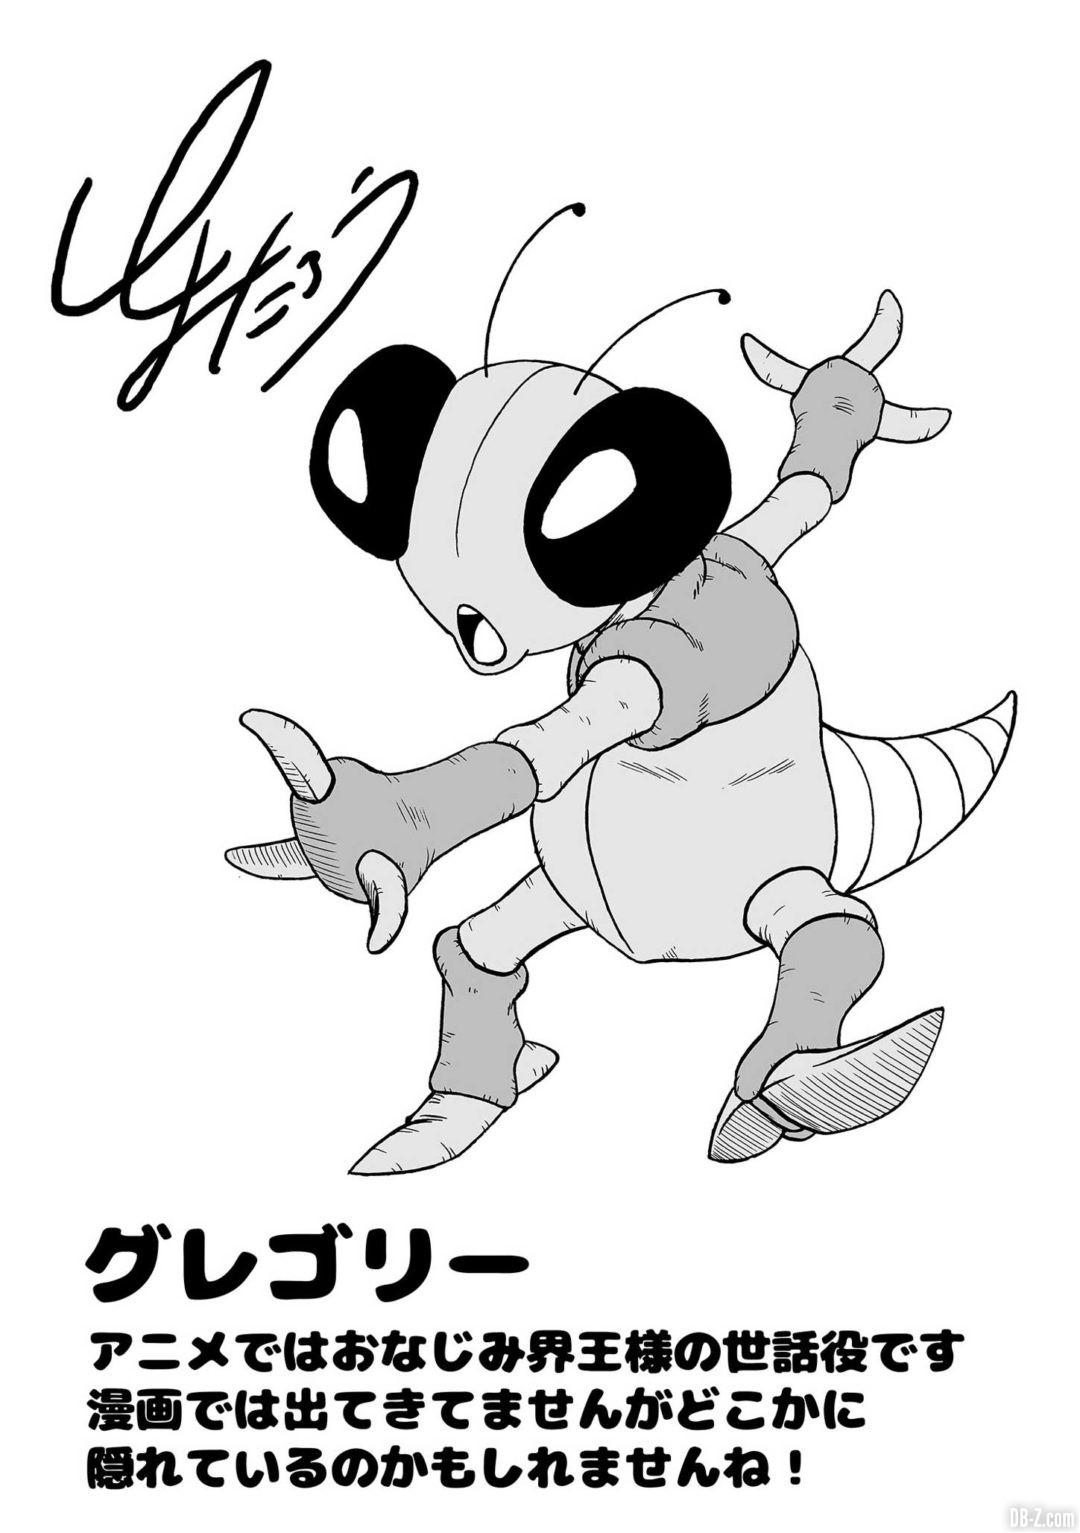 toyotaro dessine gregory 202011